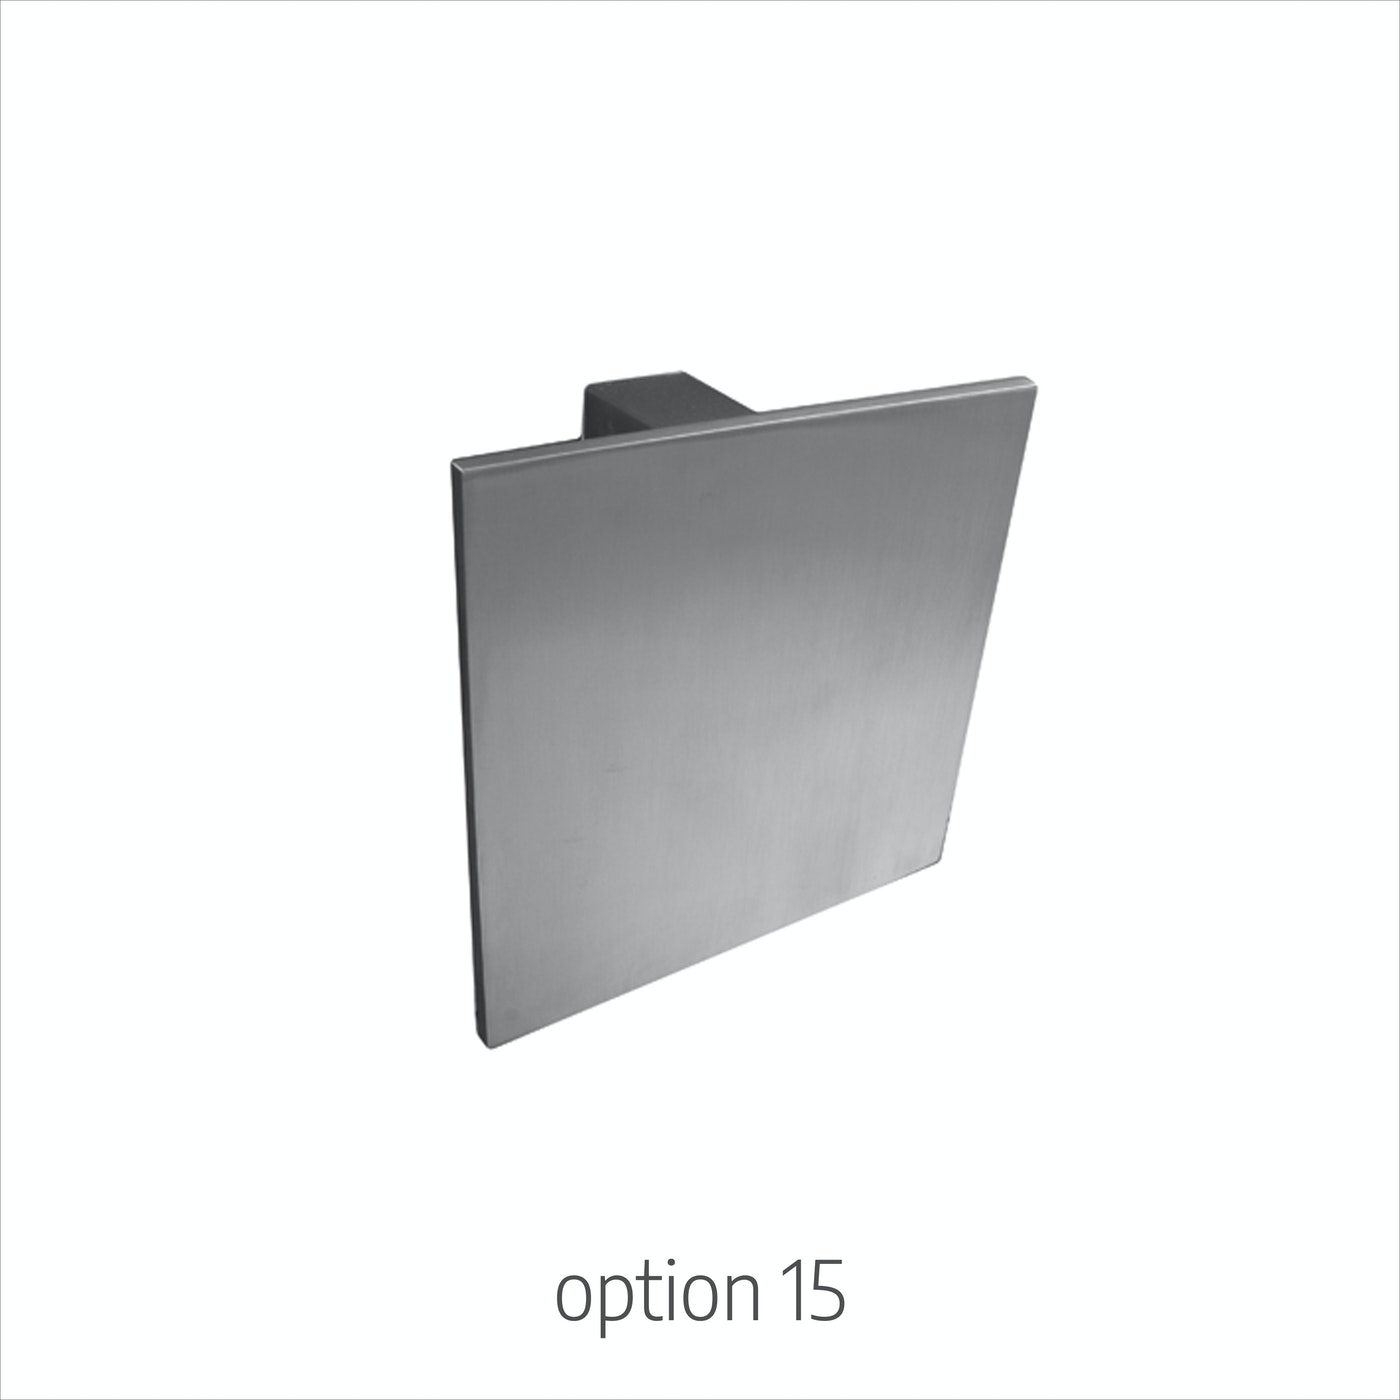 option 15